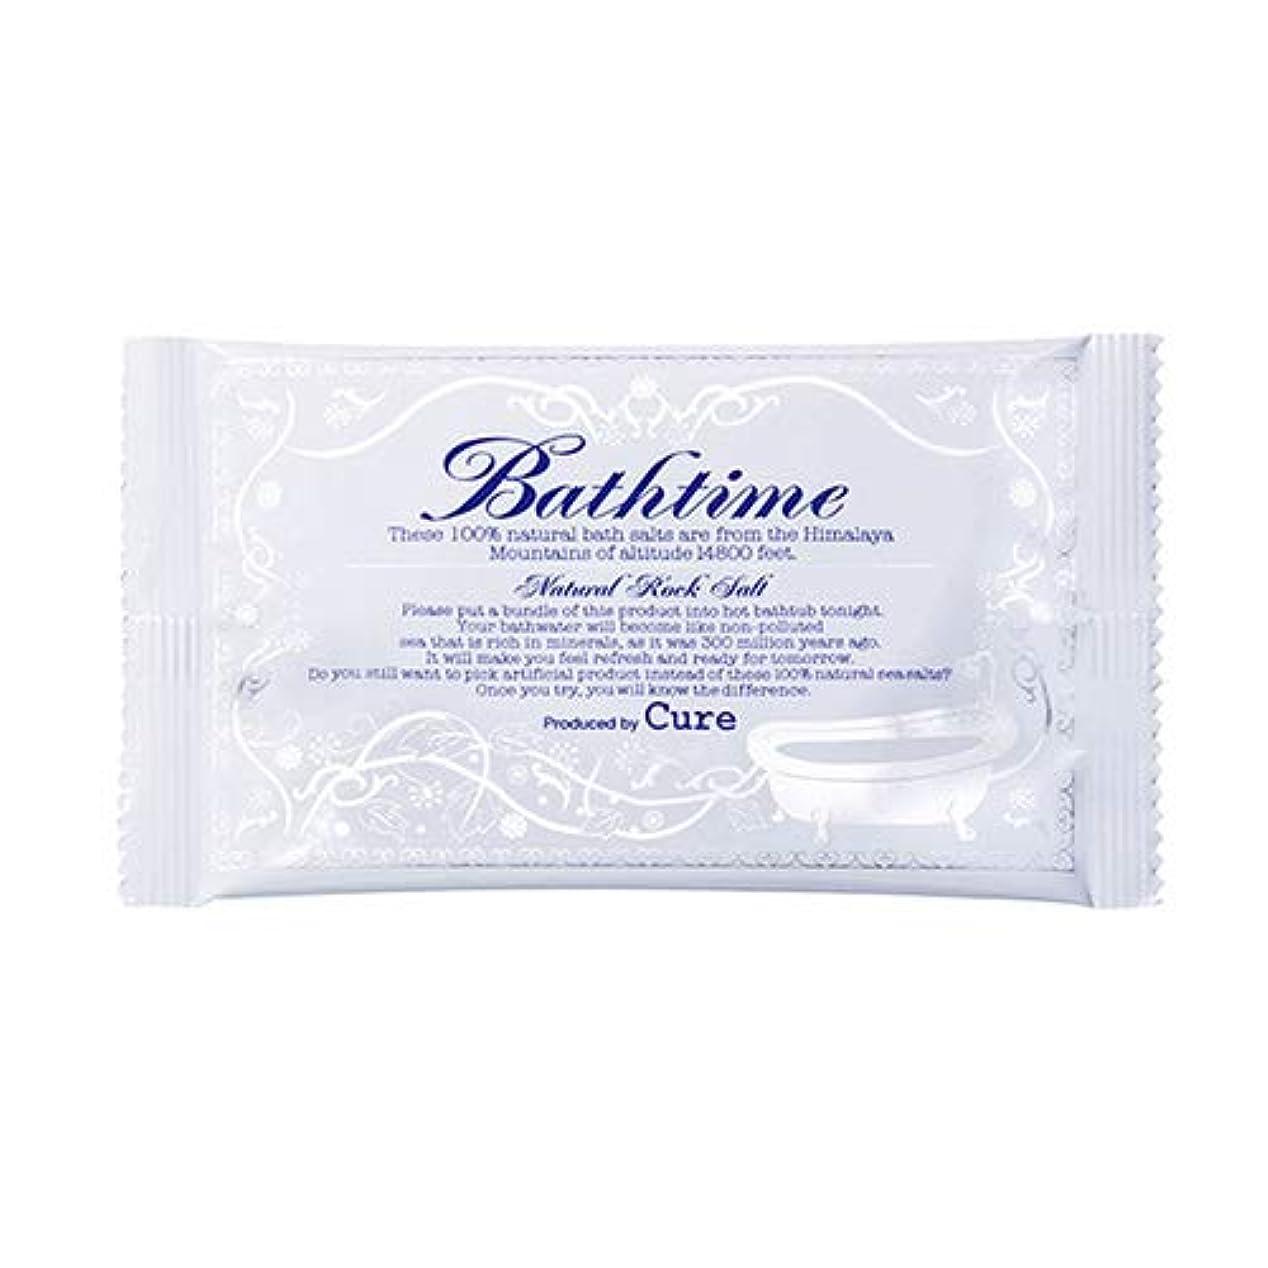 見出ししないでくださいマカダムバスタイム (20g) Cure 温浴系バスソルト 入浴剤